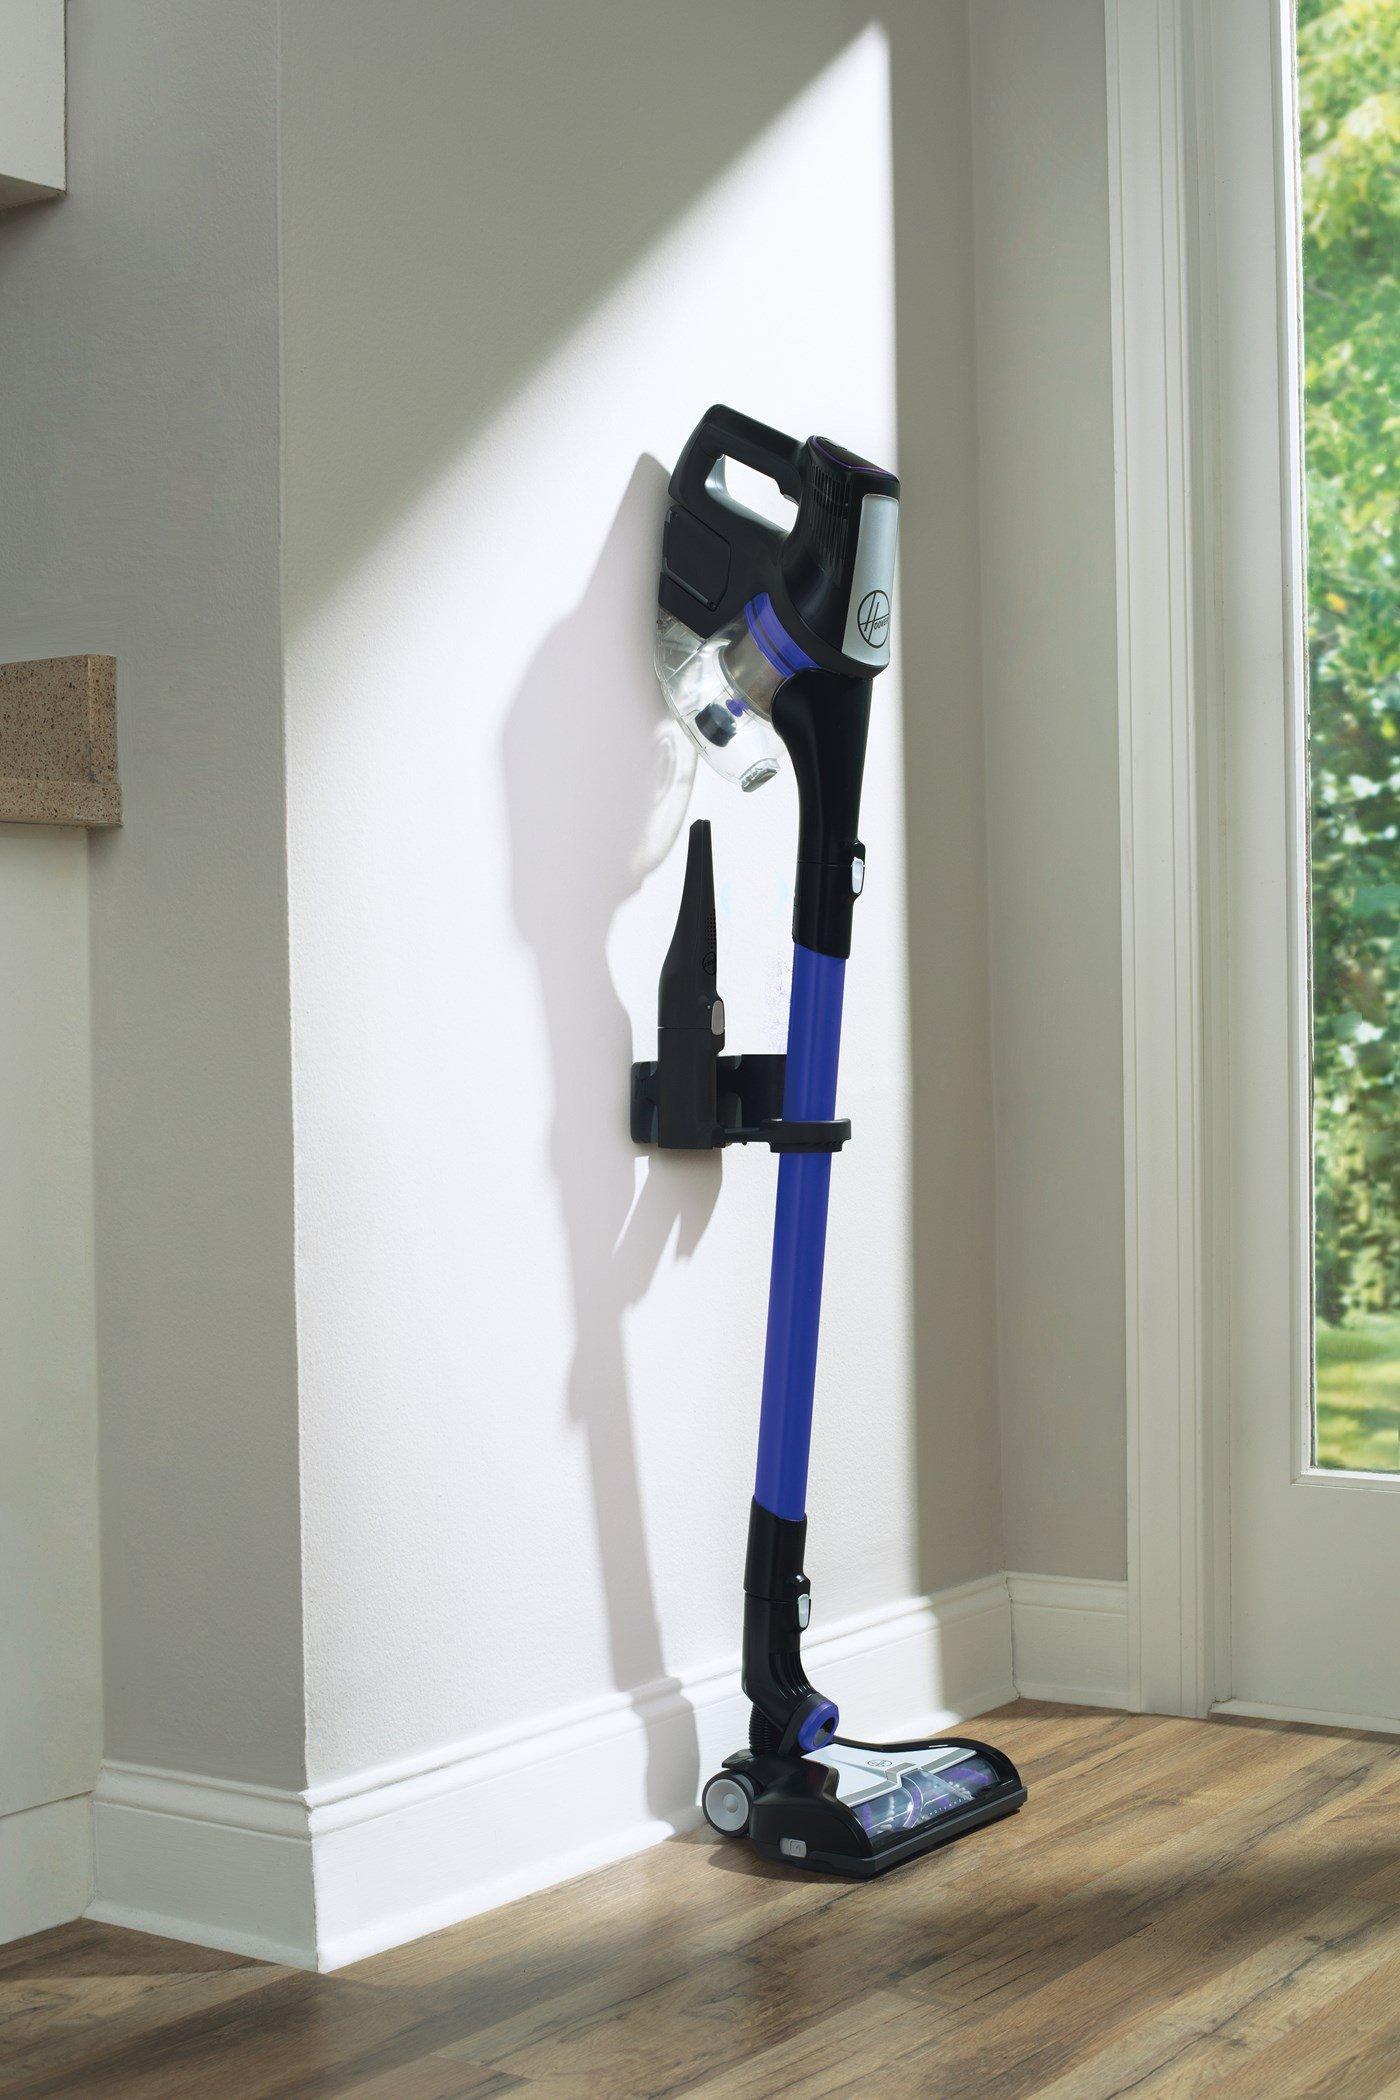 Fusion Pet Cordless Stick Vacuum7